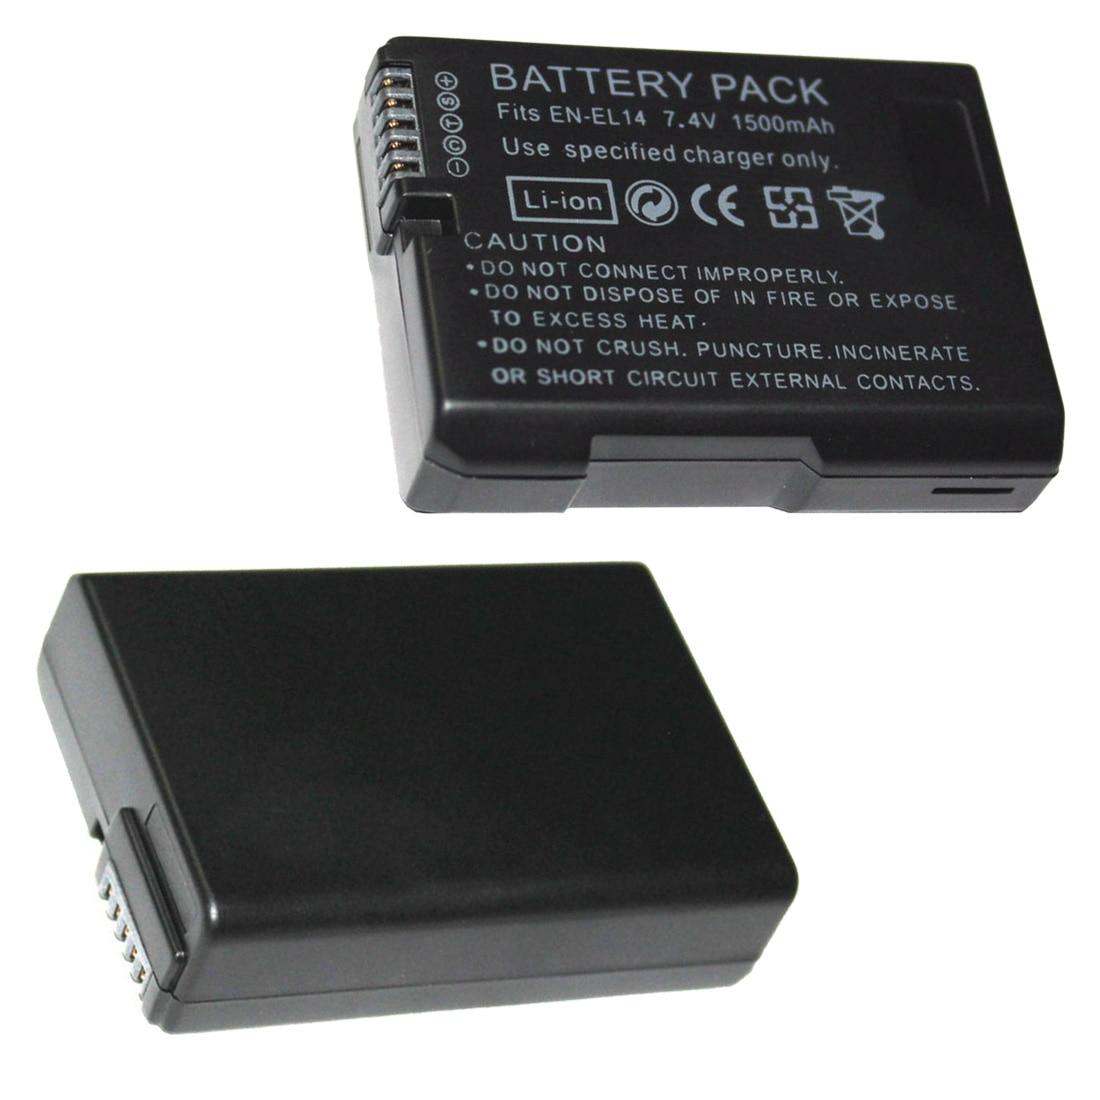 EN-EL14 Batterien 7,4 v 1500 mah ENEL14 EN EL14 Kamera Akku Für Nikon D5200 D3100 D3200 D5100 P7000 P7100 MH-24